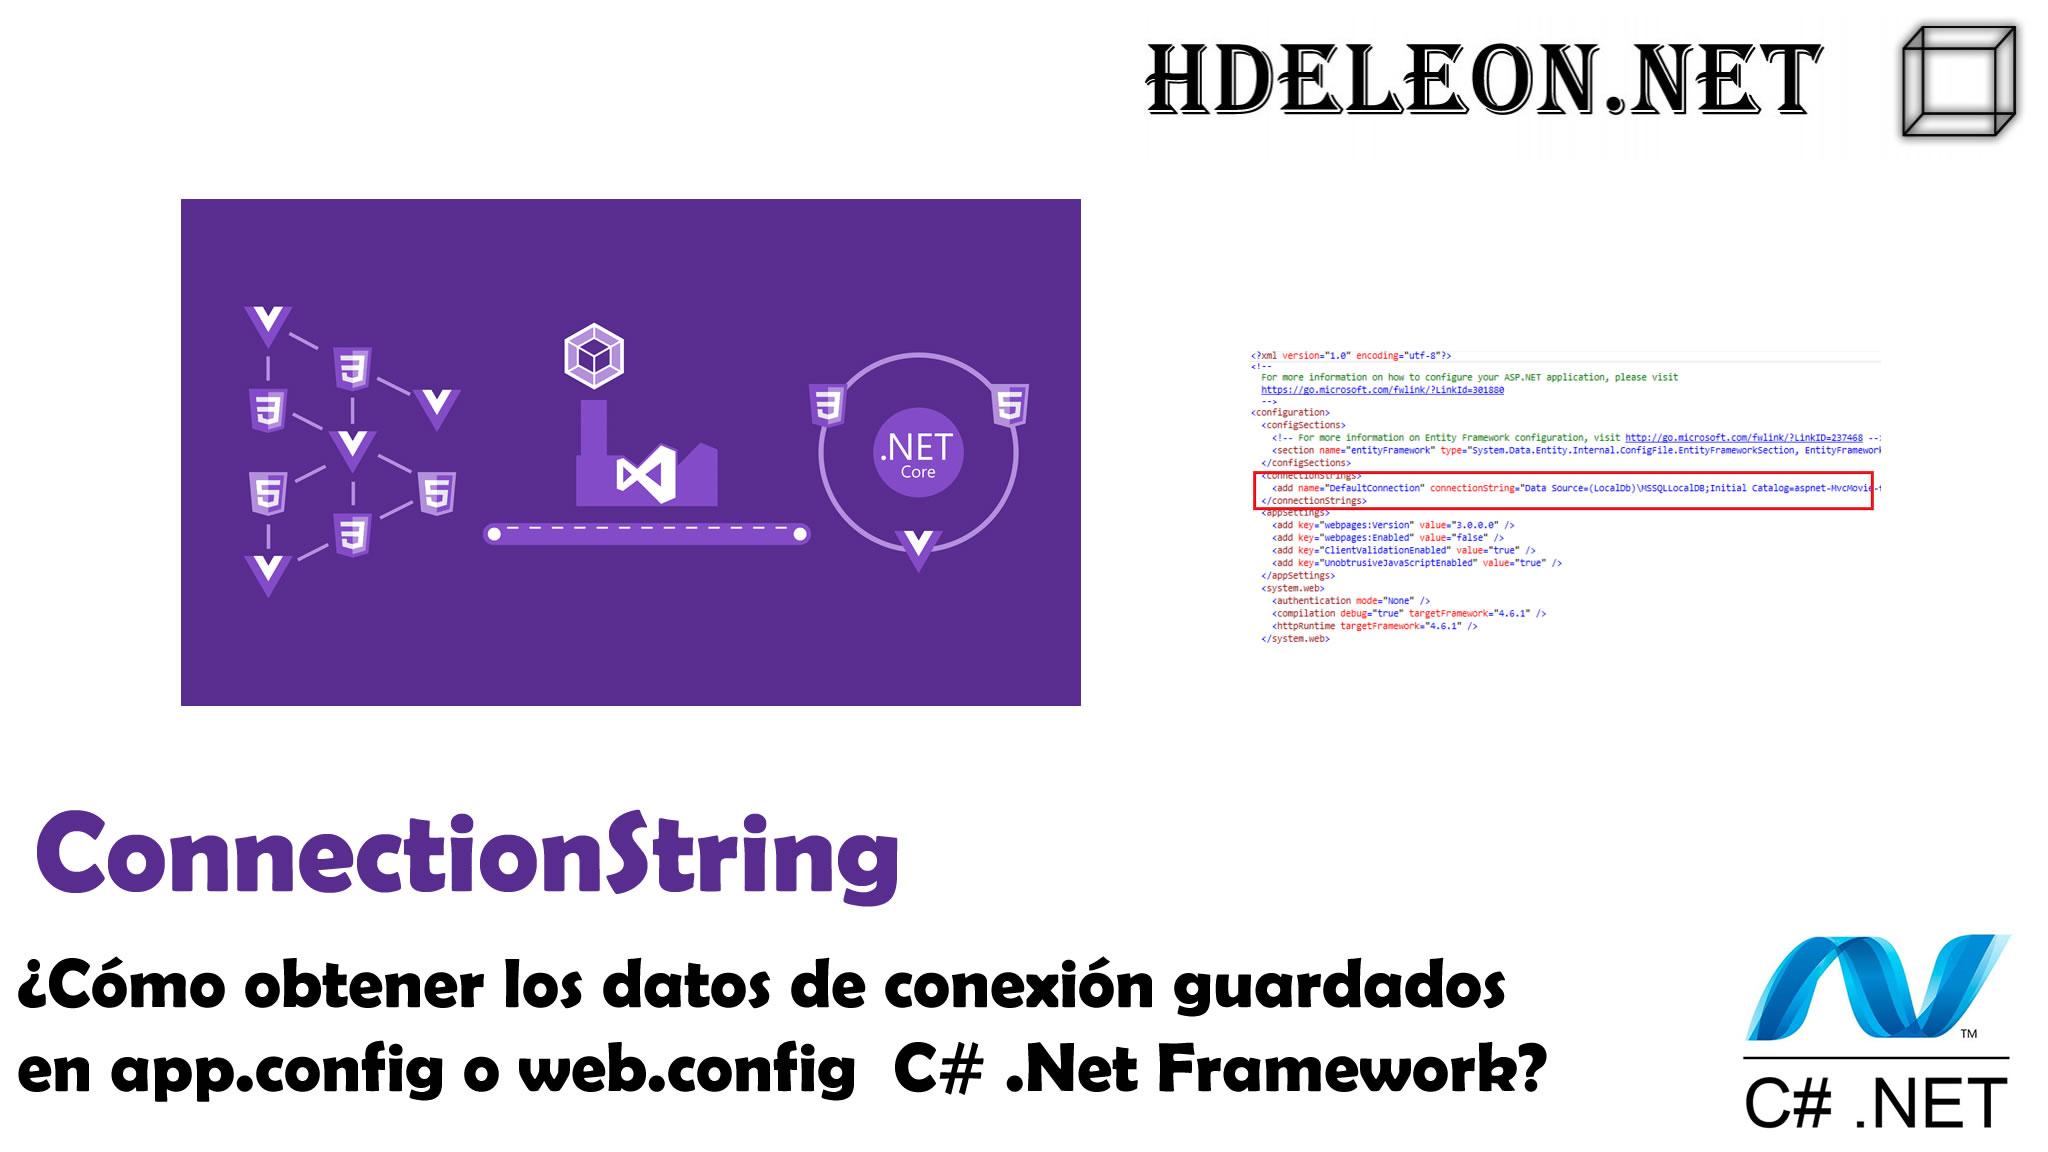 ¿Cómo obtener los datos de conexión guardados en app.config o web.config C# .Net Framework?